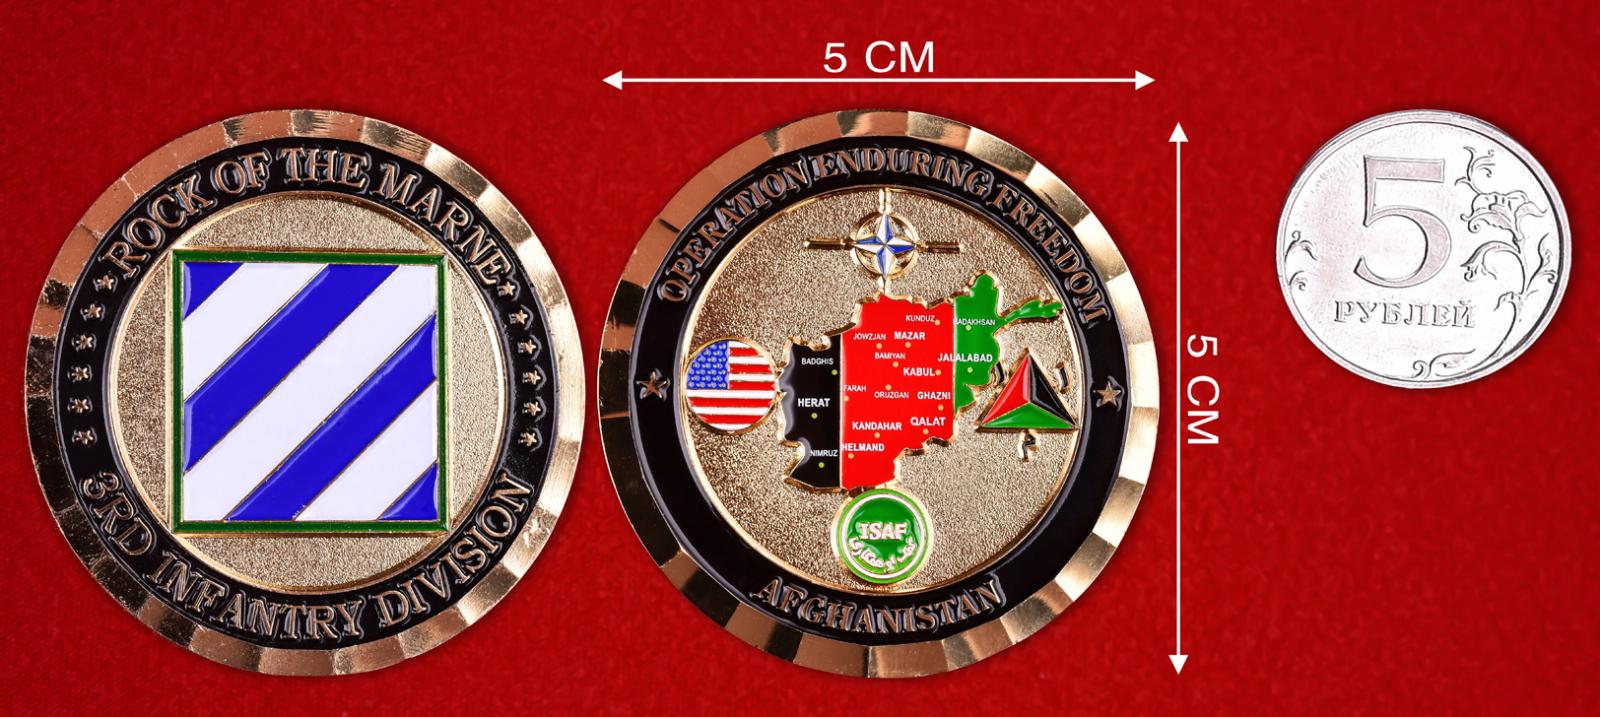 Наградной знак 3-й пехотной дивизии ВС США